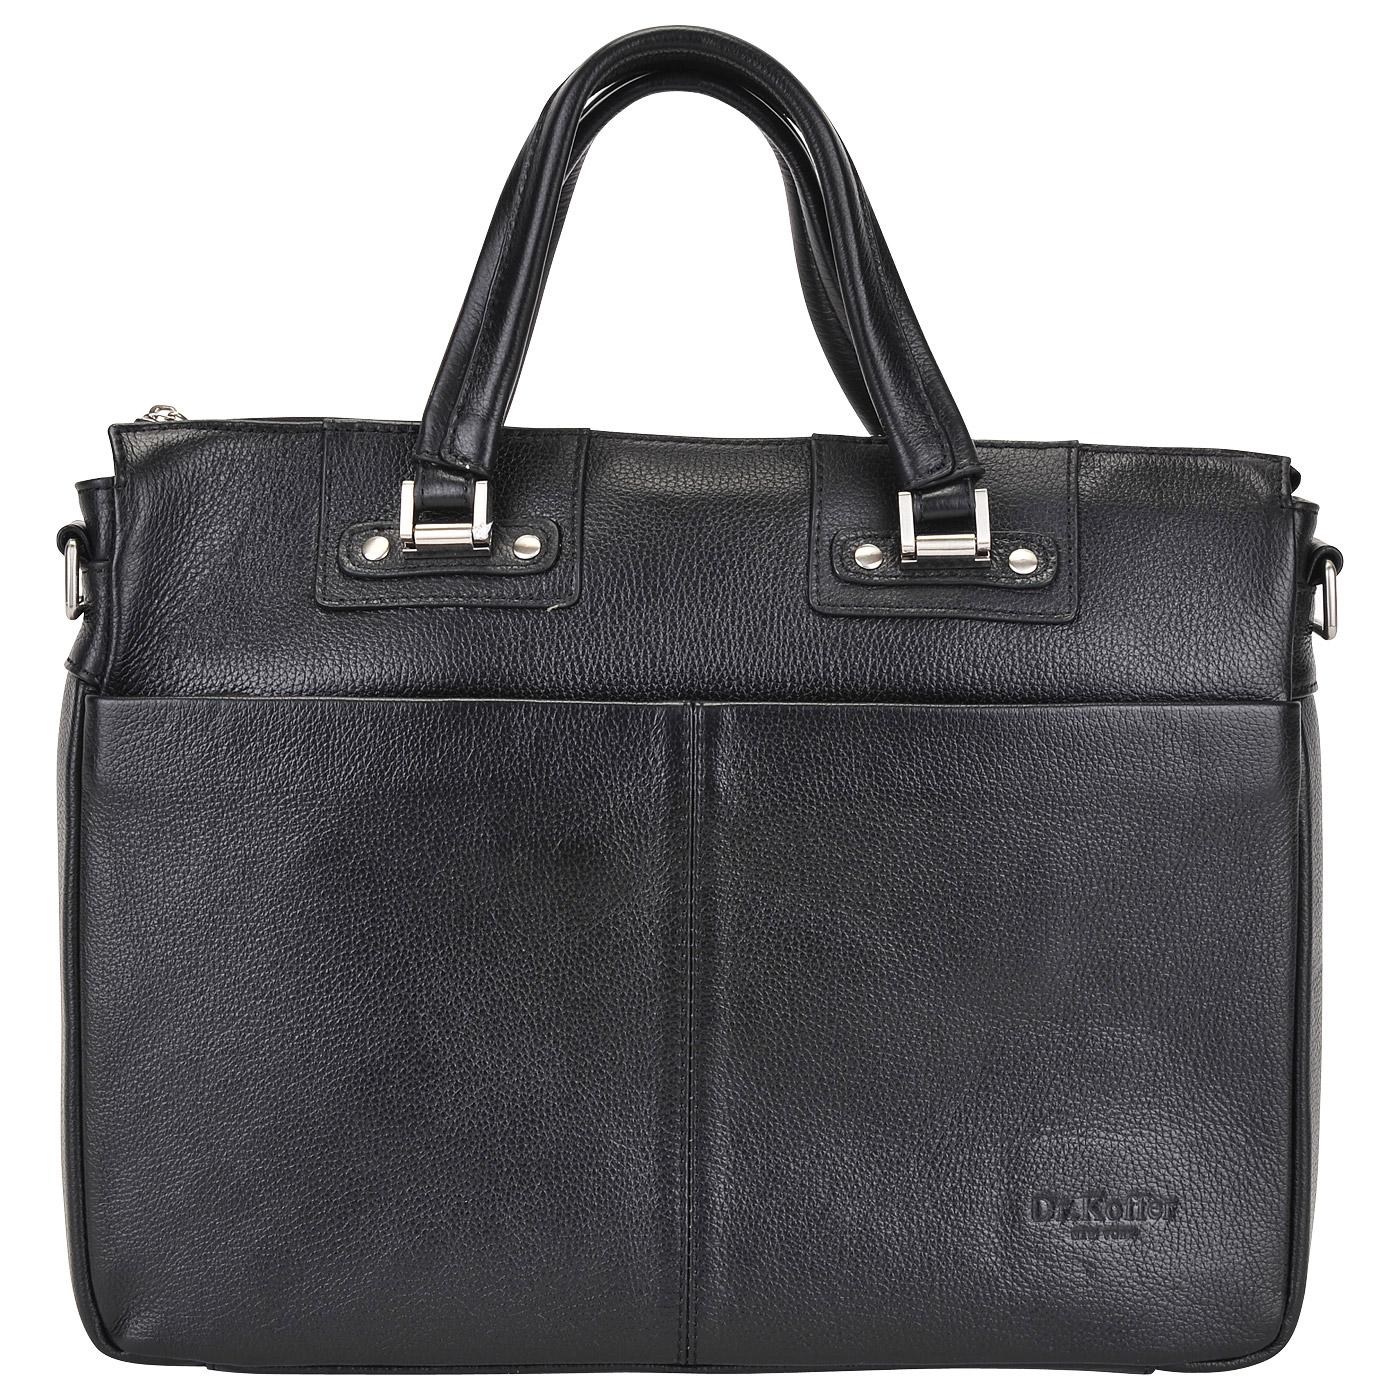 89a37ffb6c67 Мужская кожаная деловая сумка Dr. Koffer B402388-220-04 ...